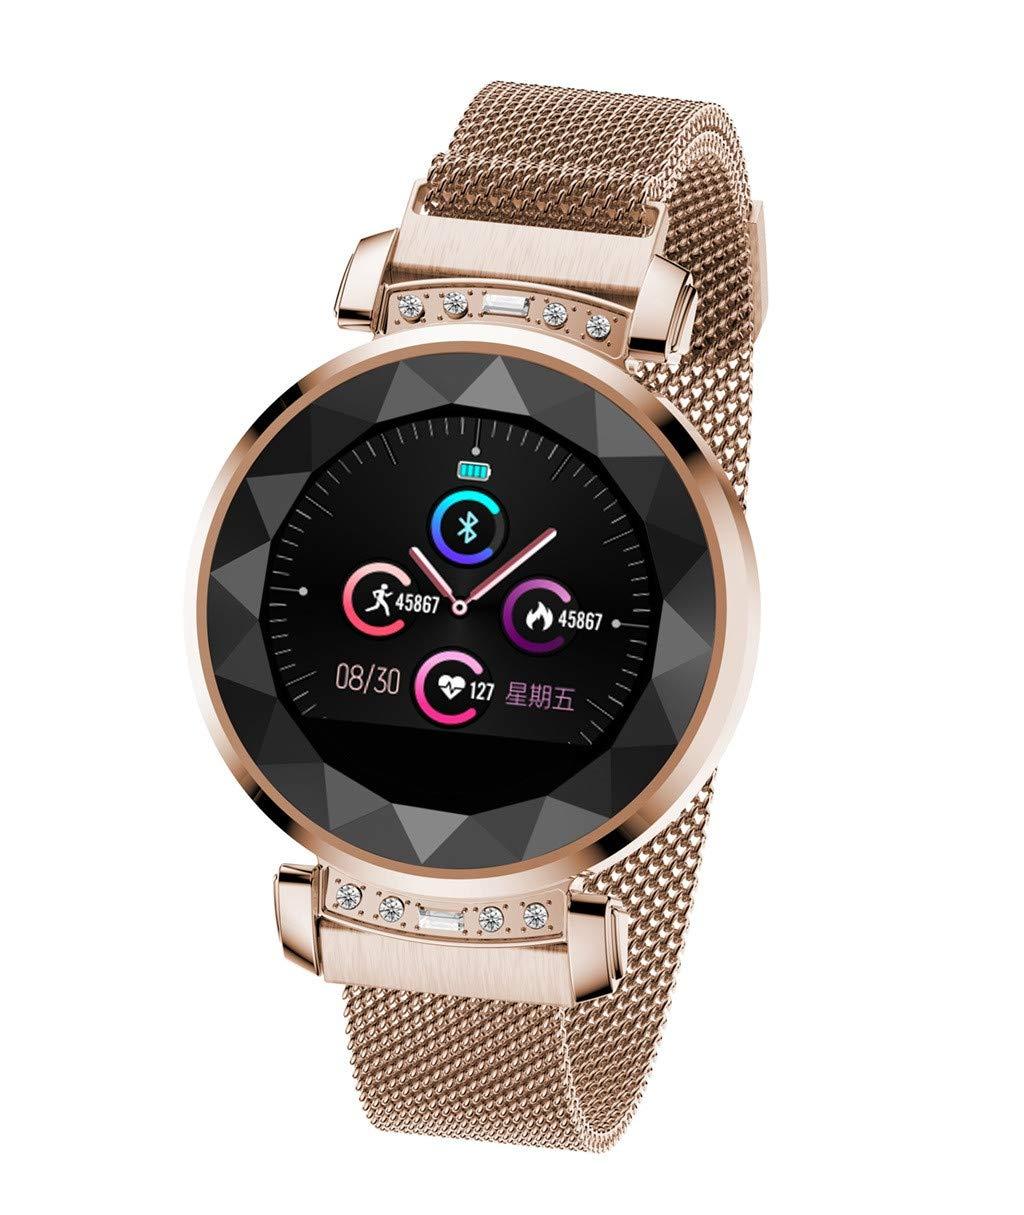 YEZIJIN DB13 Women Blood Pressure Heart Rate Monitoring Sport Smart Watch Bracelet Under 50 Dollars